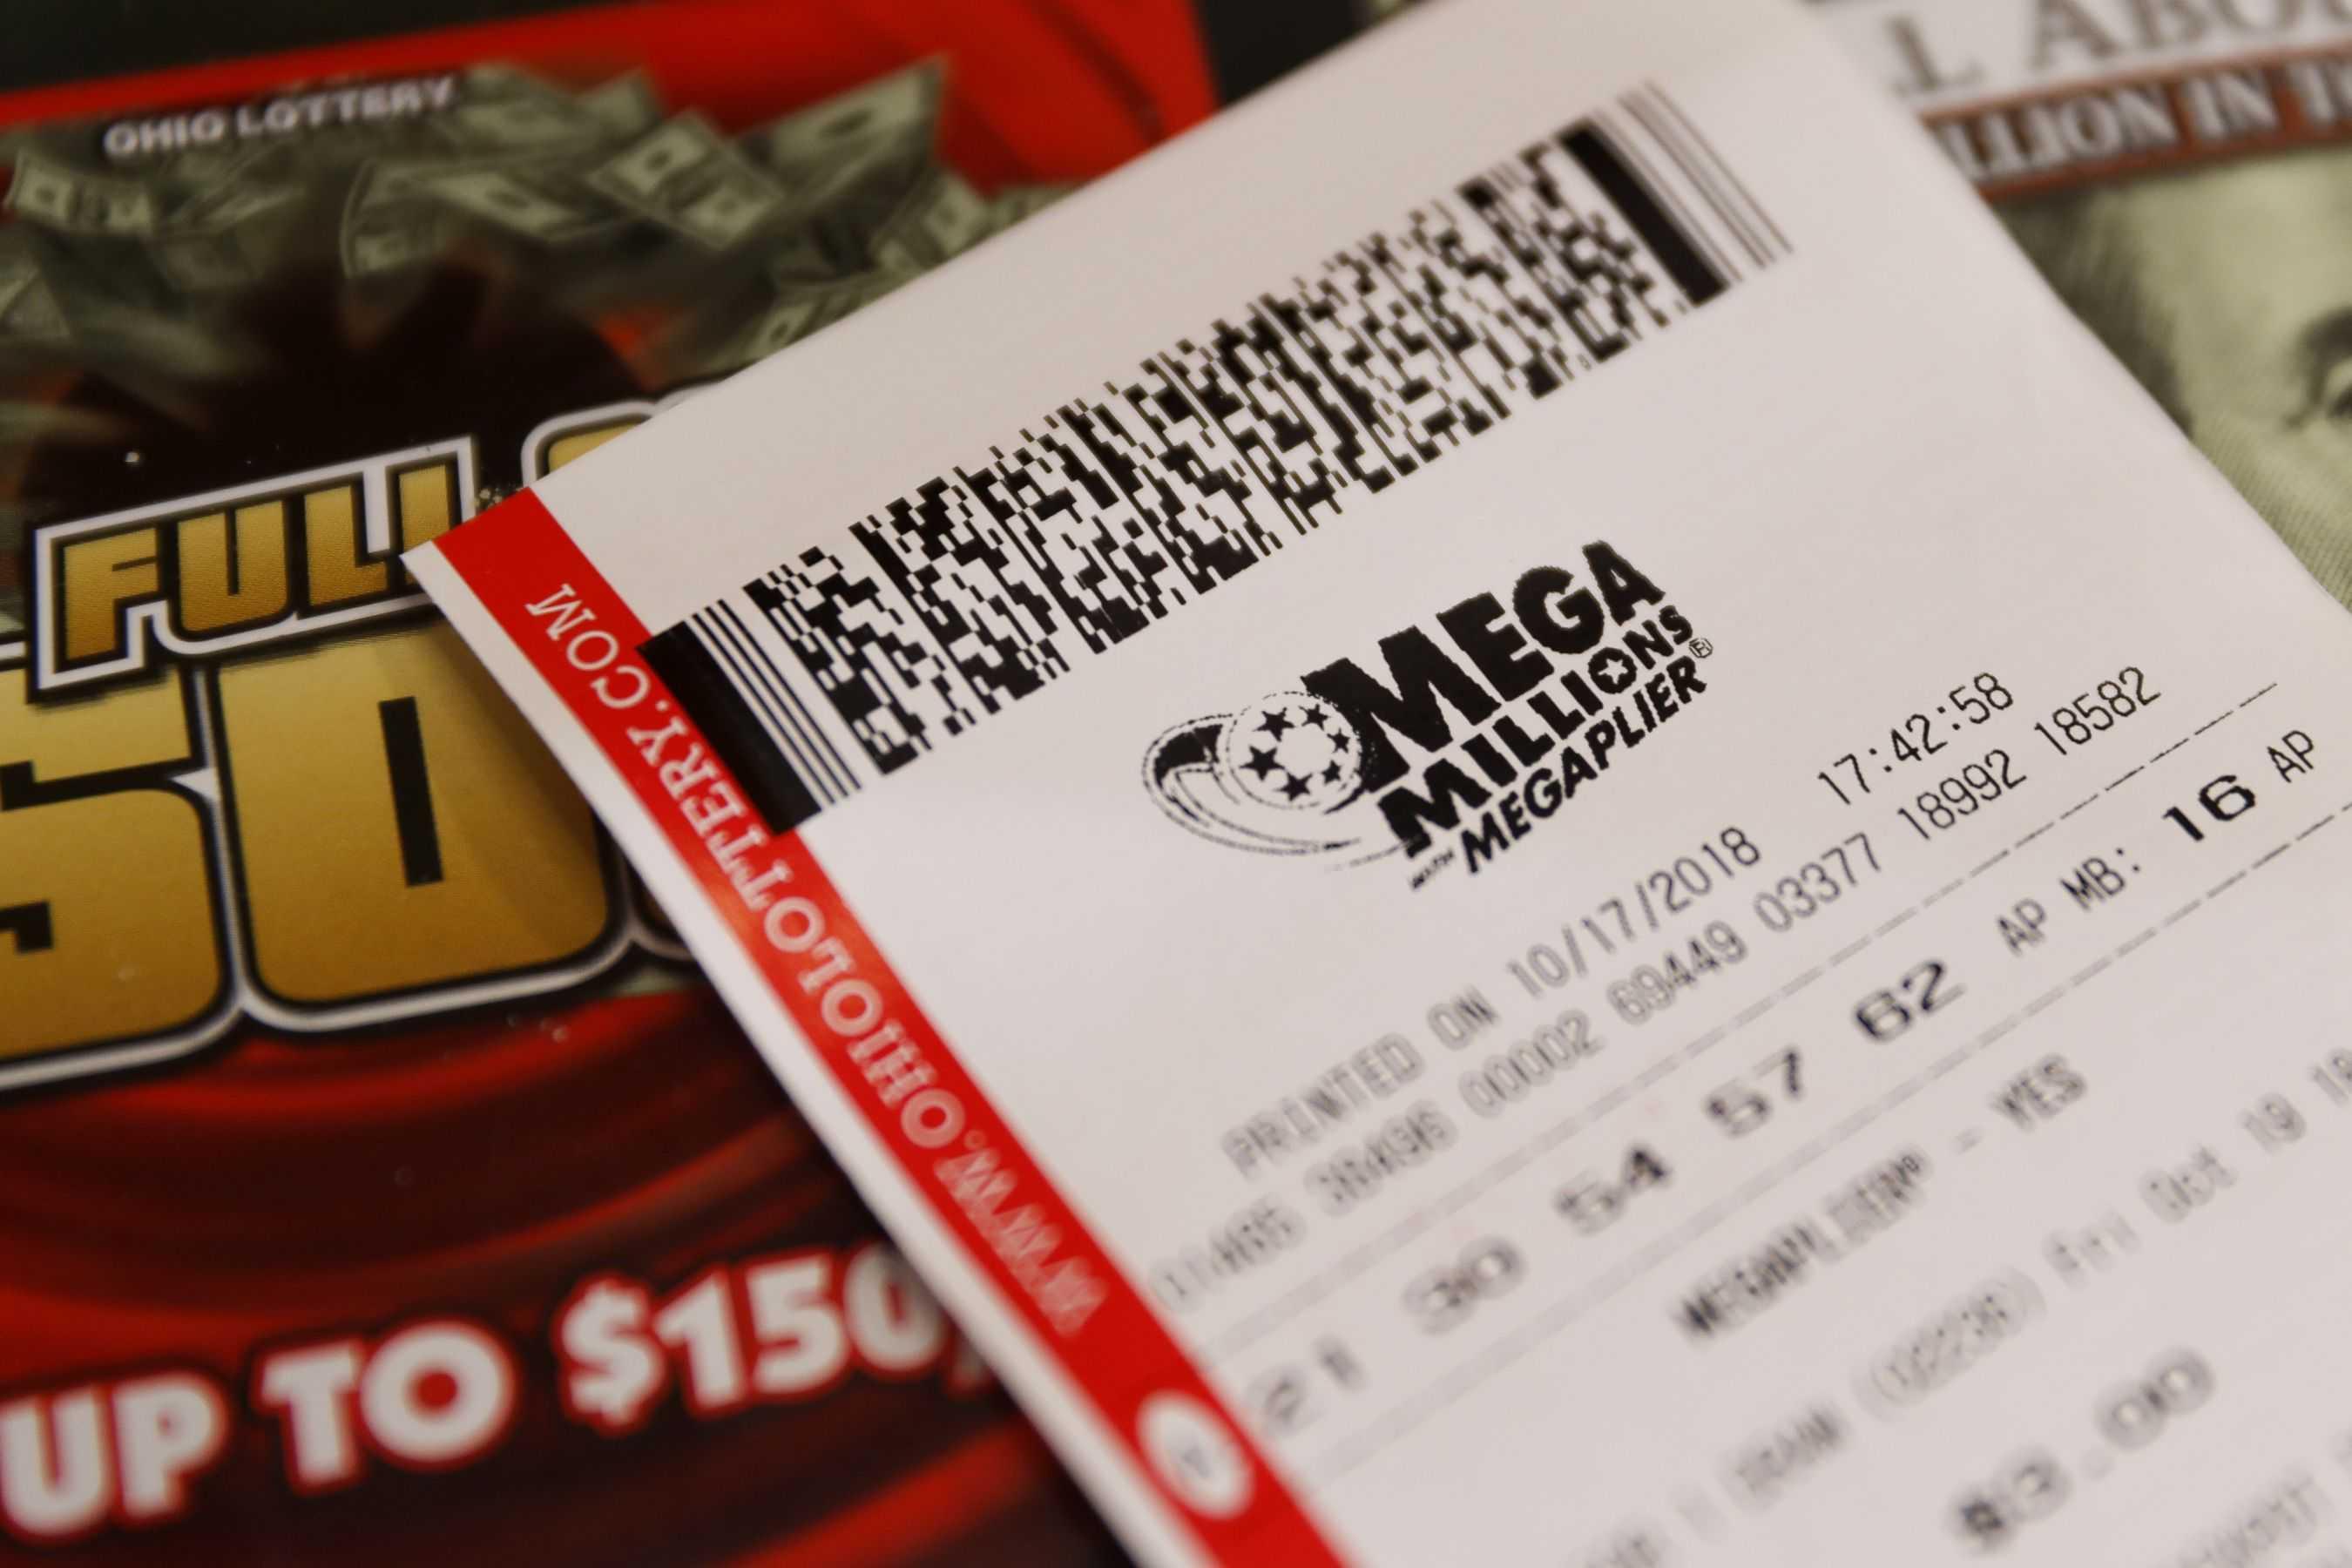 Lotteri mega millioner - regler, chancer for at vinde, resultater + instruktion hvordan man spiller fra Rusland